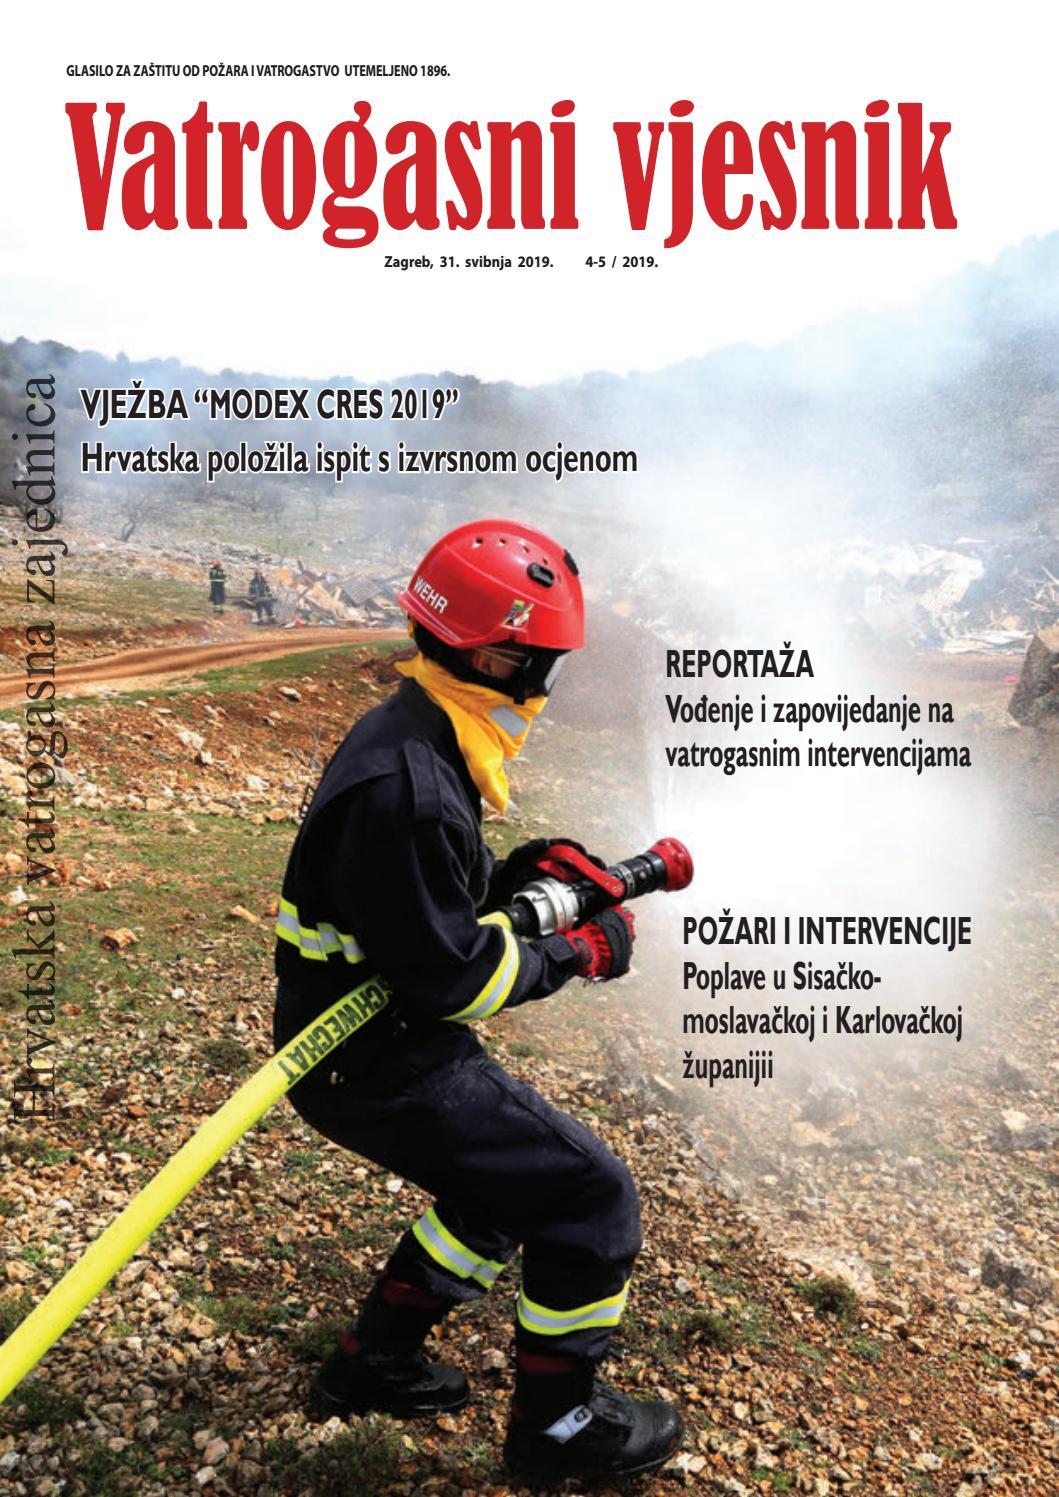 Cilj ovog predstavljanja naše postrojbe na internet stranicama je upoznati Vas sa radom i životom osječkih vatrogasaca, te pružanje.